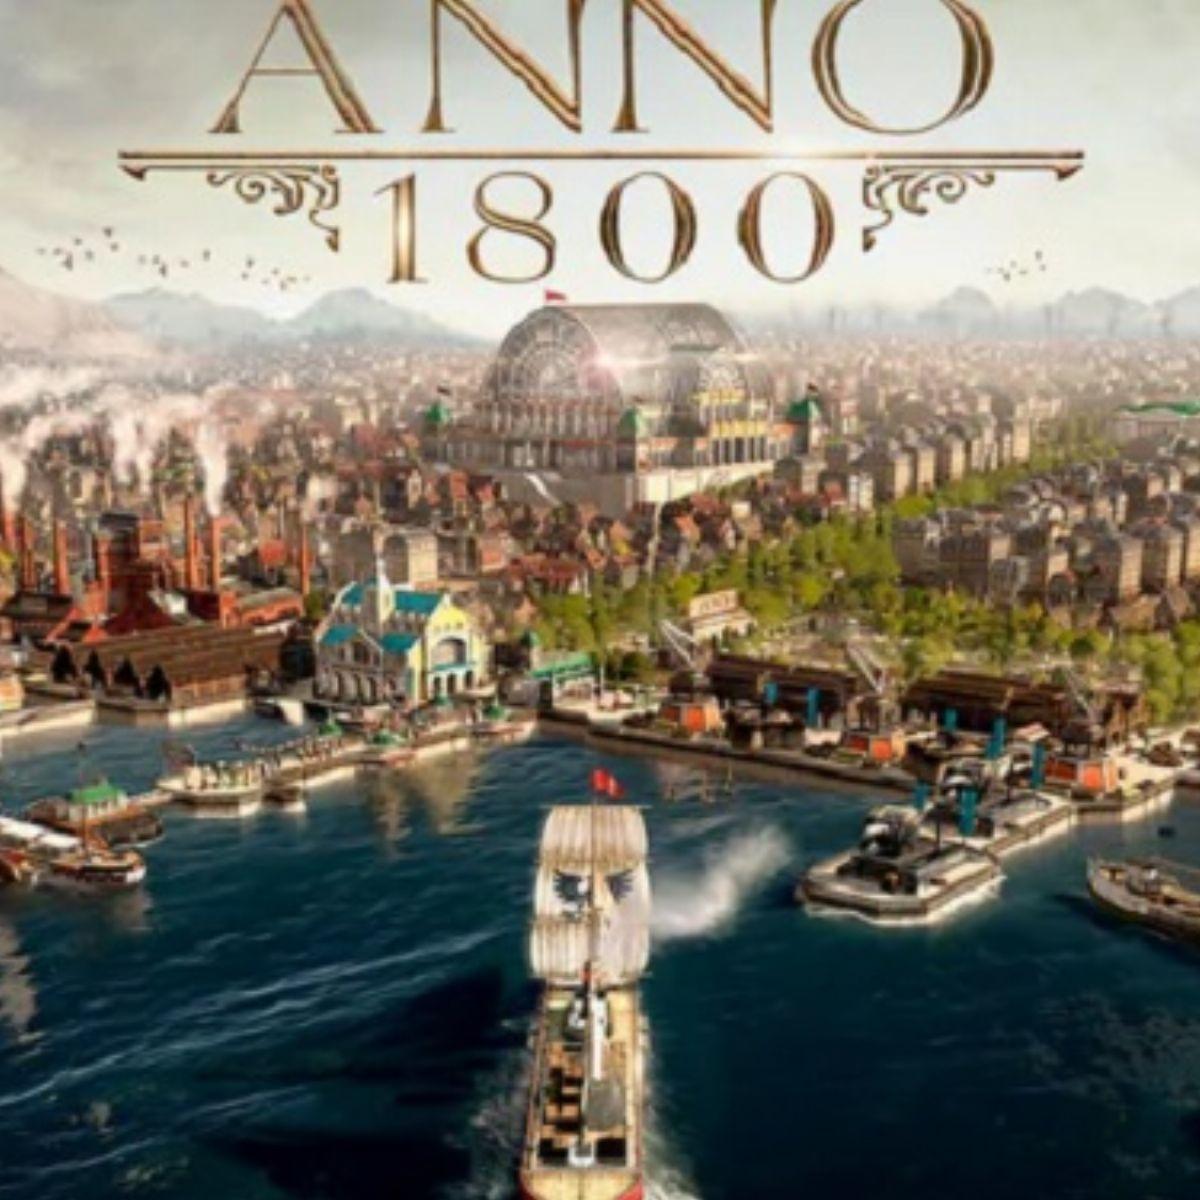 Anno 1800 sur PC (dématérialisé, Uplay)